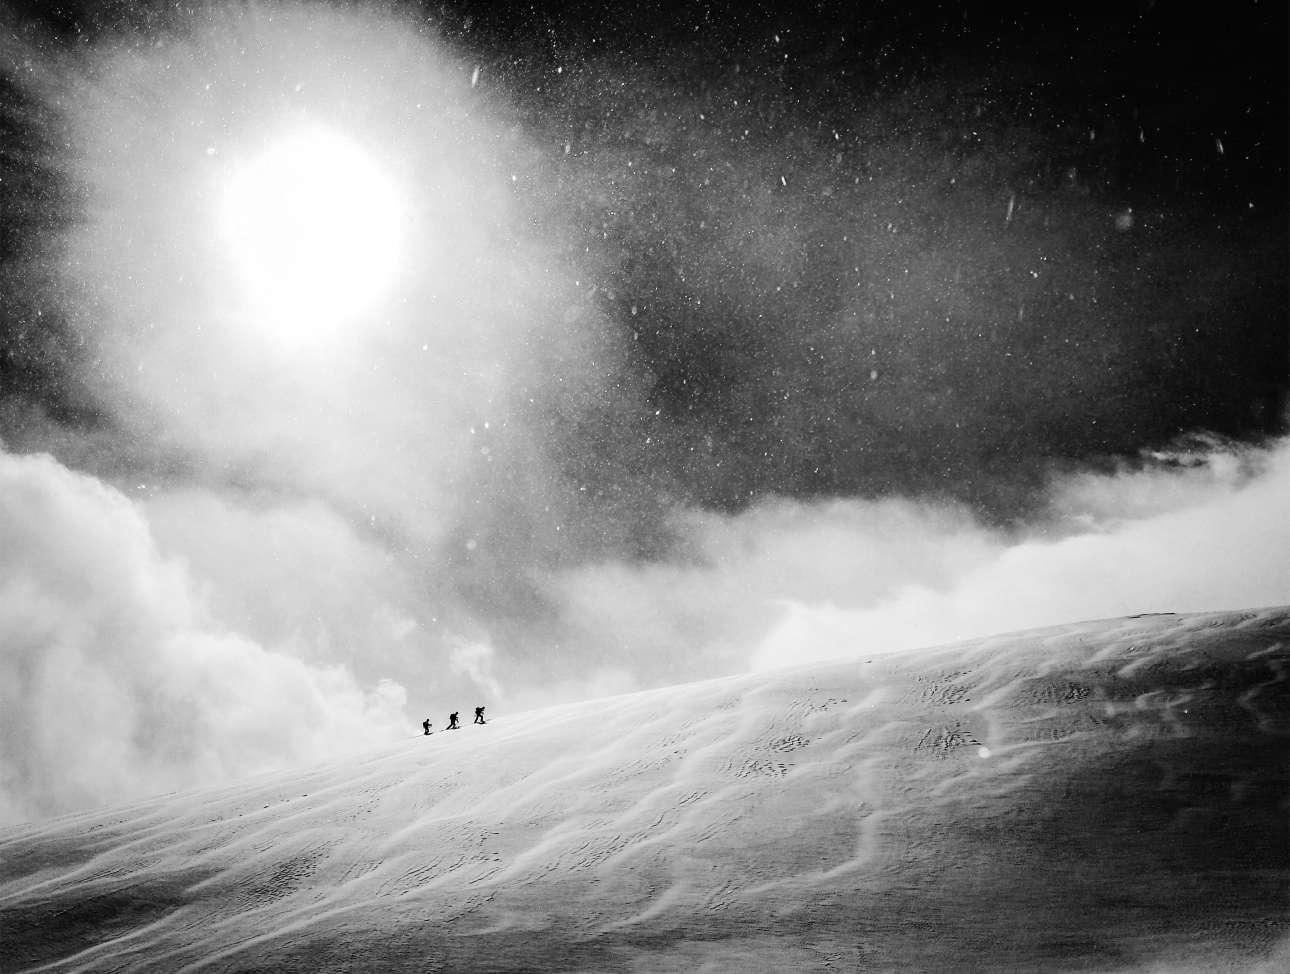 Νικητής, κατηγορία «Κινητό». Πεζοπορία μέσα στον αέρα και στο χιόνι «πούδρα» της Χακούμπα, στις ιαπωνικές Αλπεις.  Ο νορβηγός φωτογράφος προτίμησε να αφήσει πίσω την κάμερα του για να κάνει σκι, αλλά μόλις αντίκρυσε αυτή την εικόνα άρπαξε το κινητό του για να την αιχμαλωτίσει